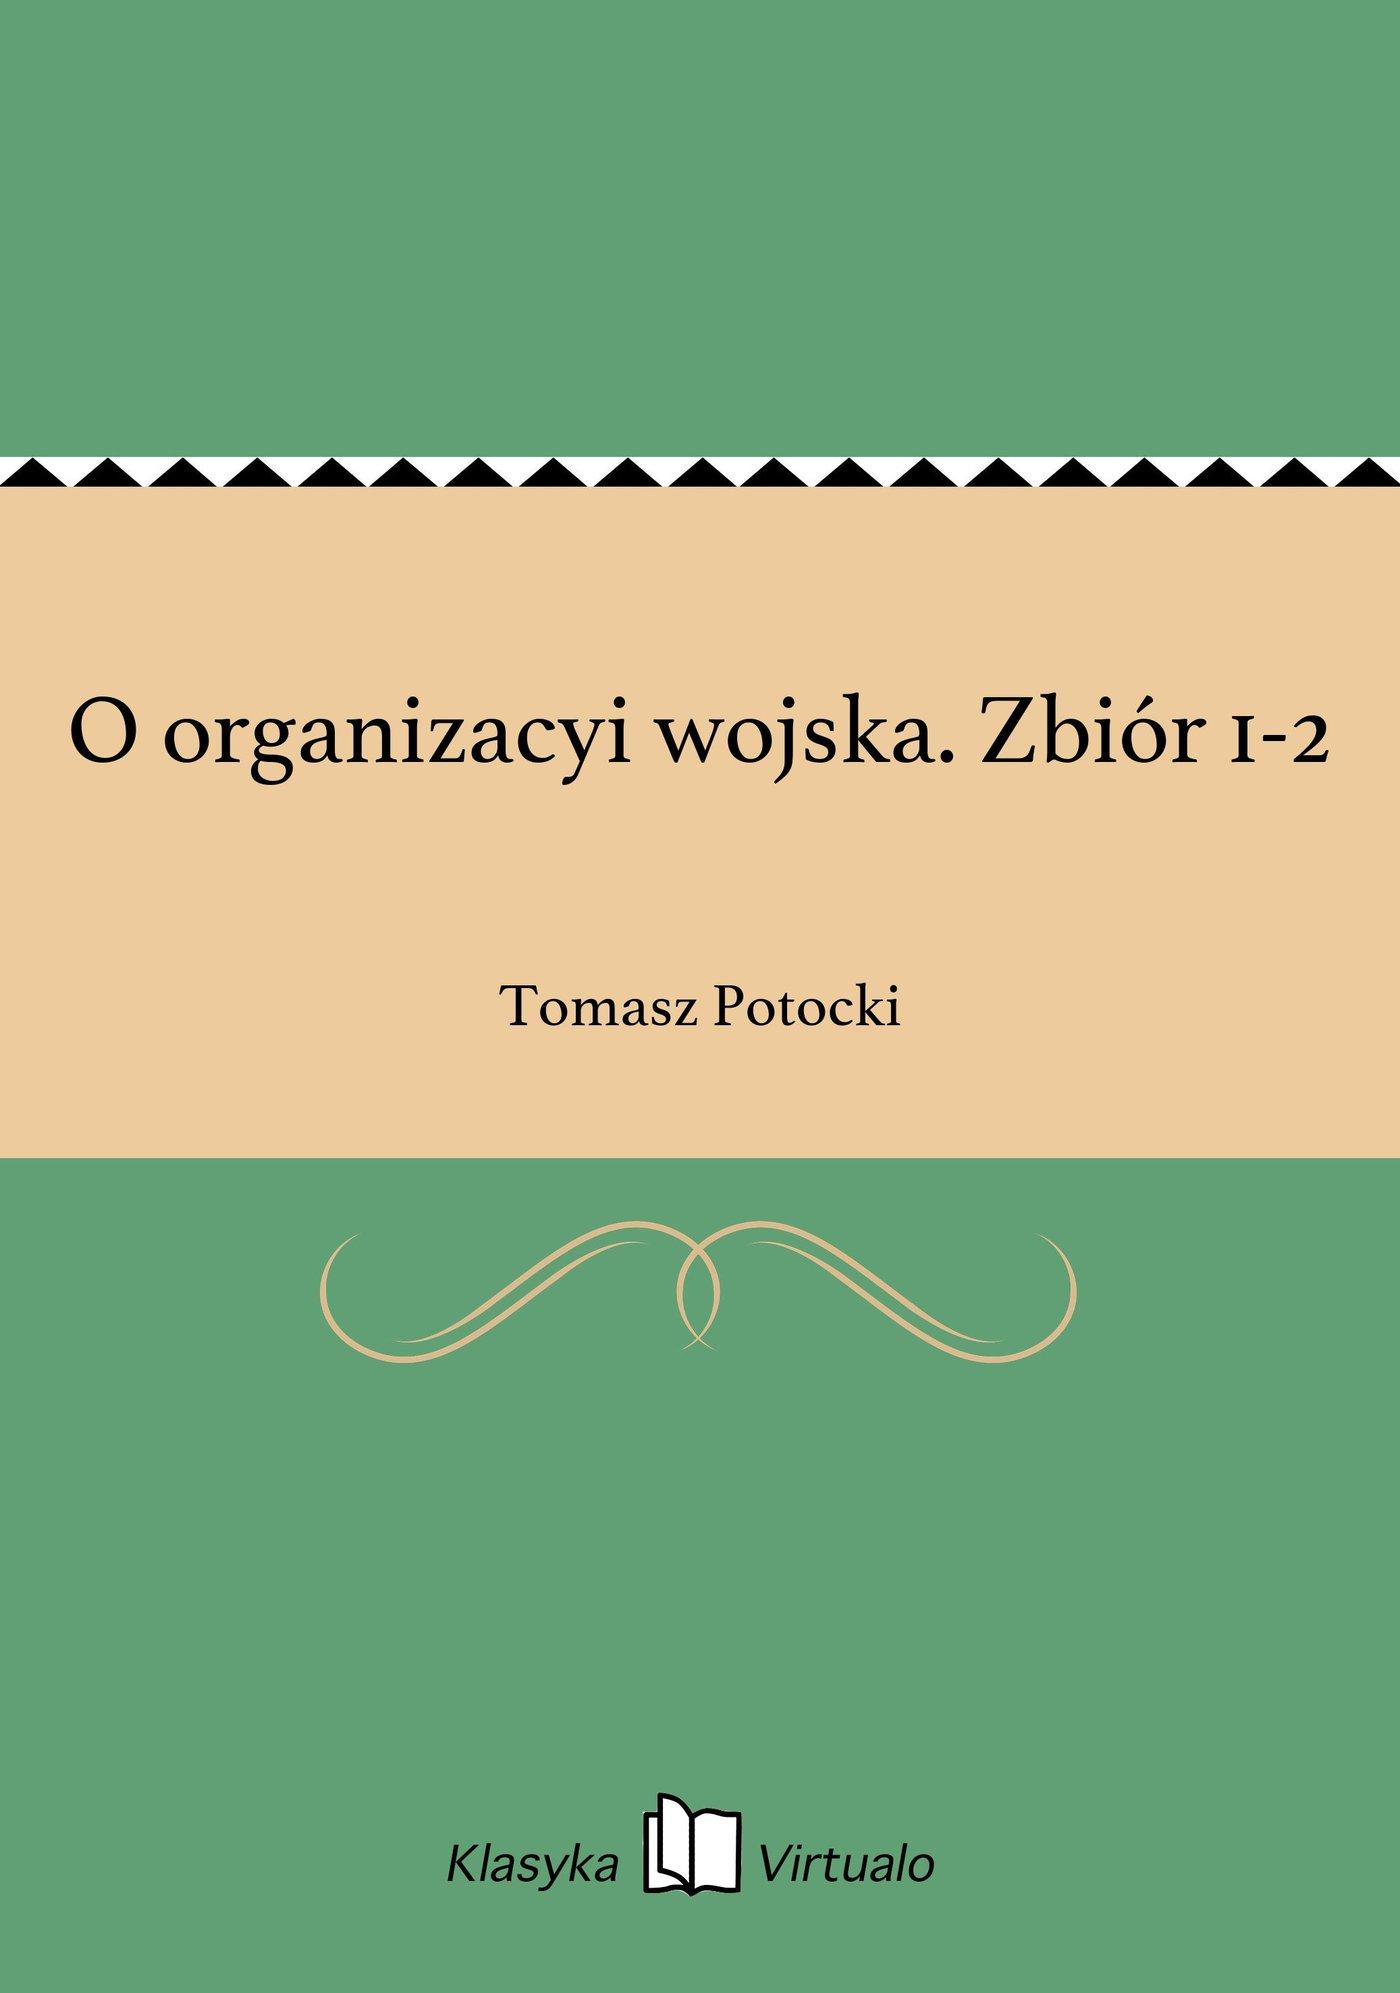 O organizacyi wojska. Zbiór 1-2 - Ebook (Książka na Kindle) do pobrania w formacie MOBI